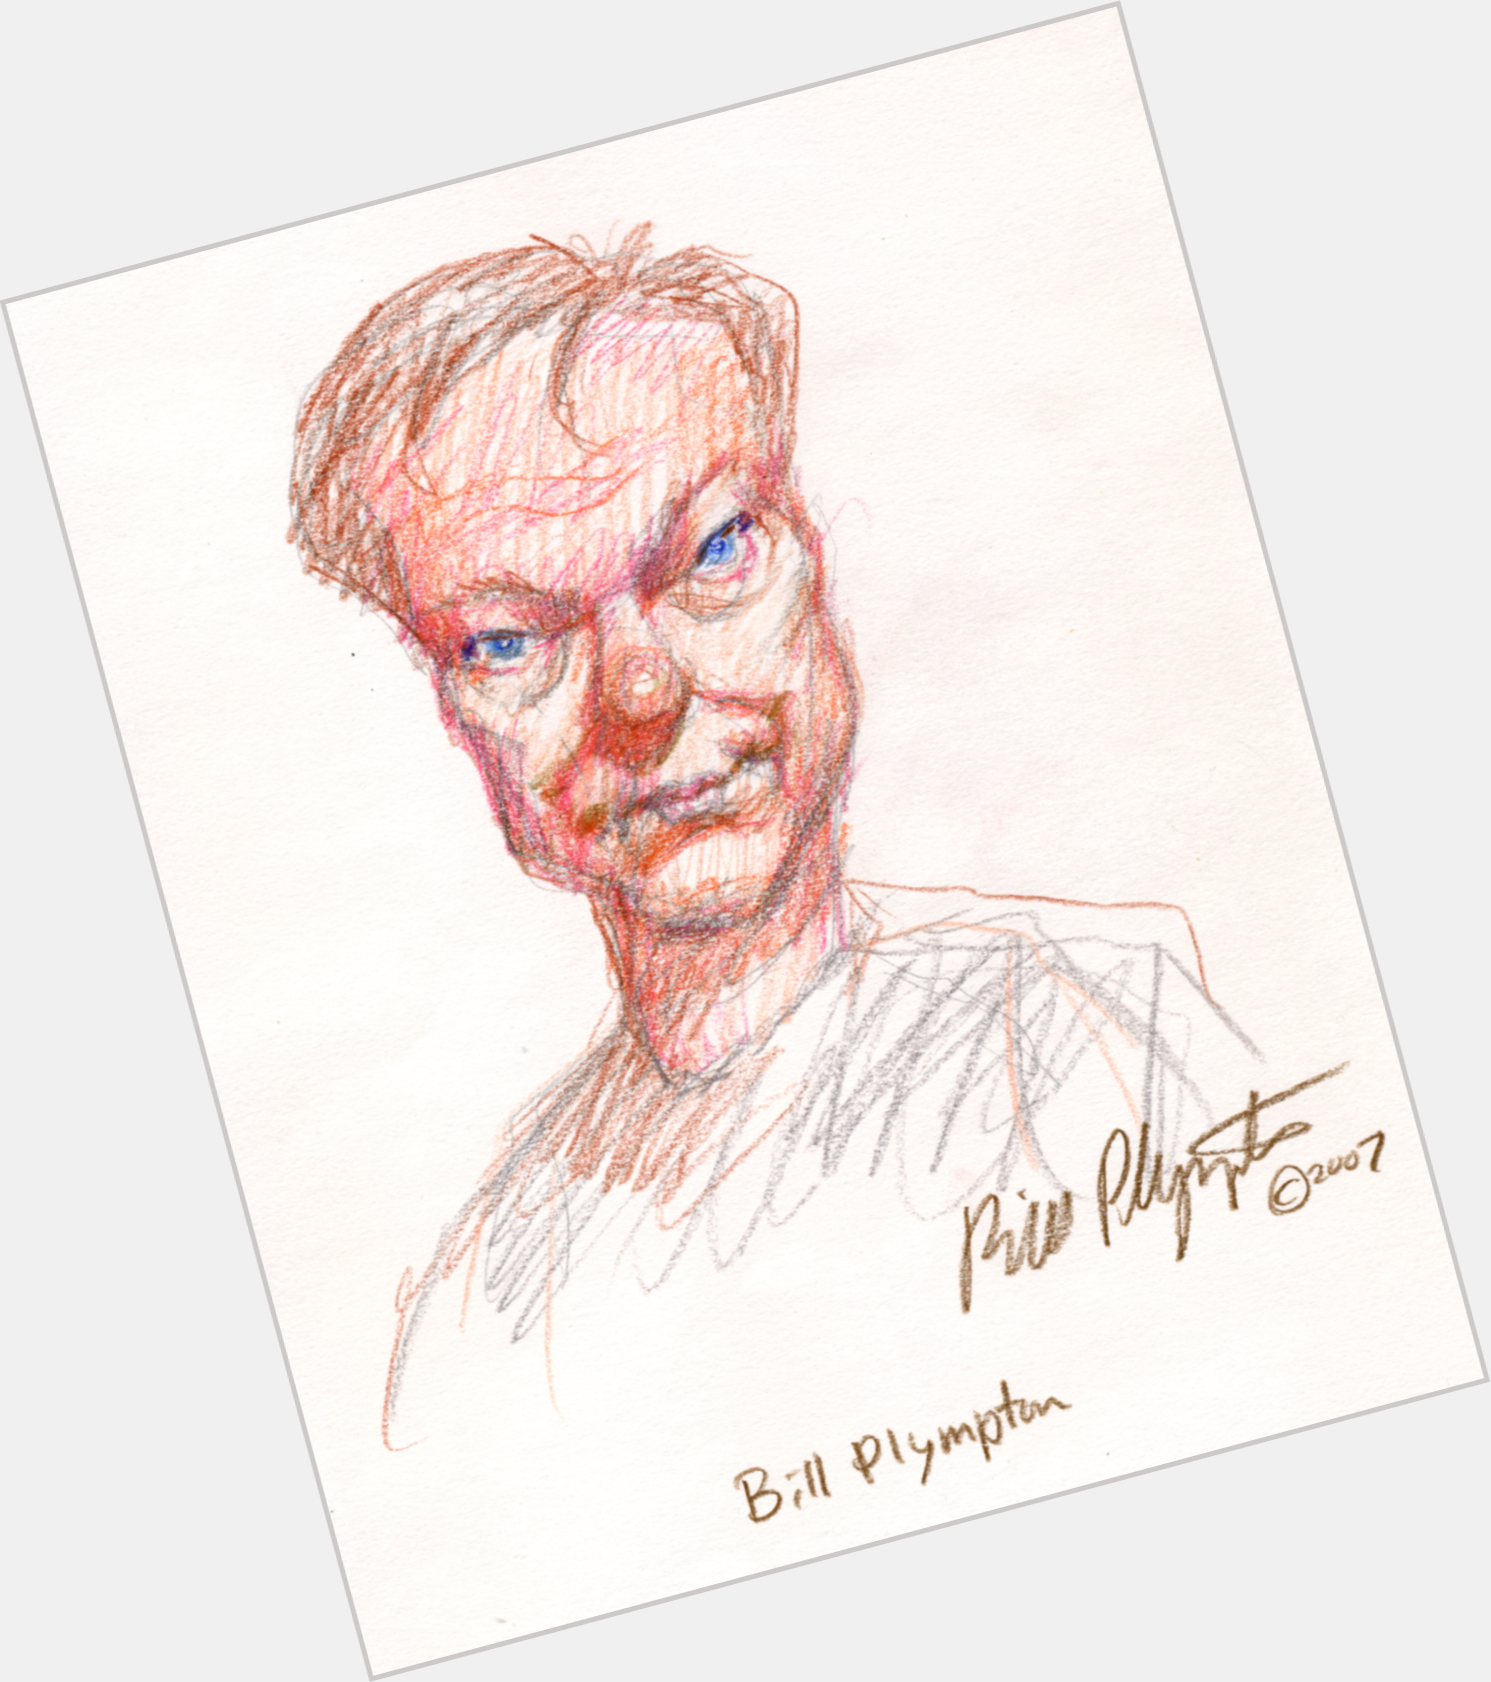 Bill Plympton birthday 2015